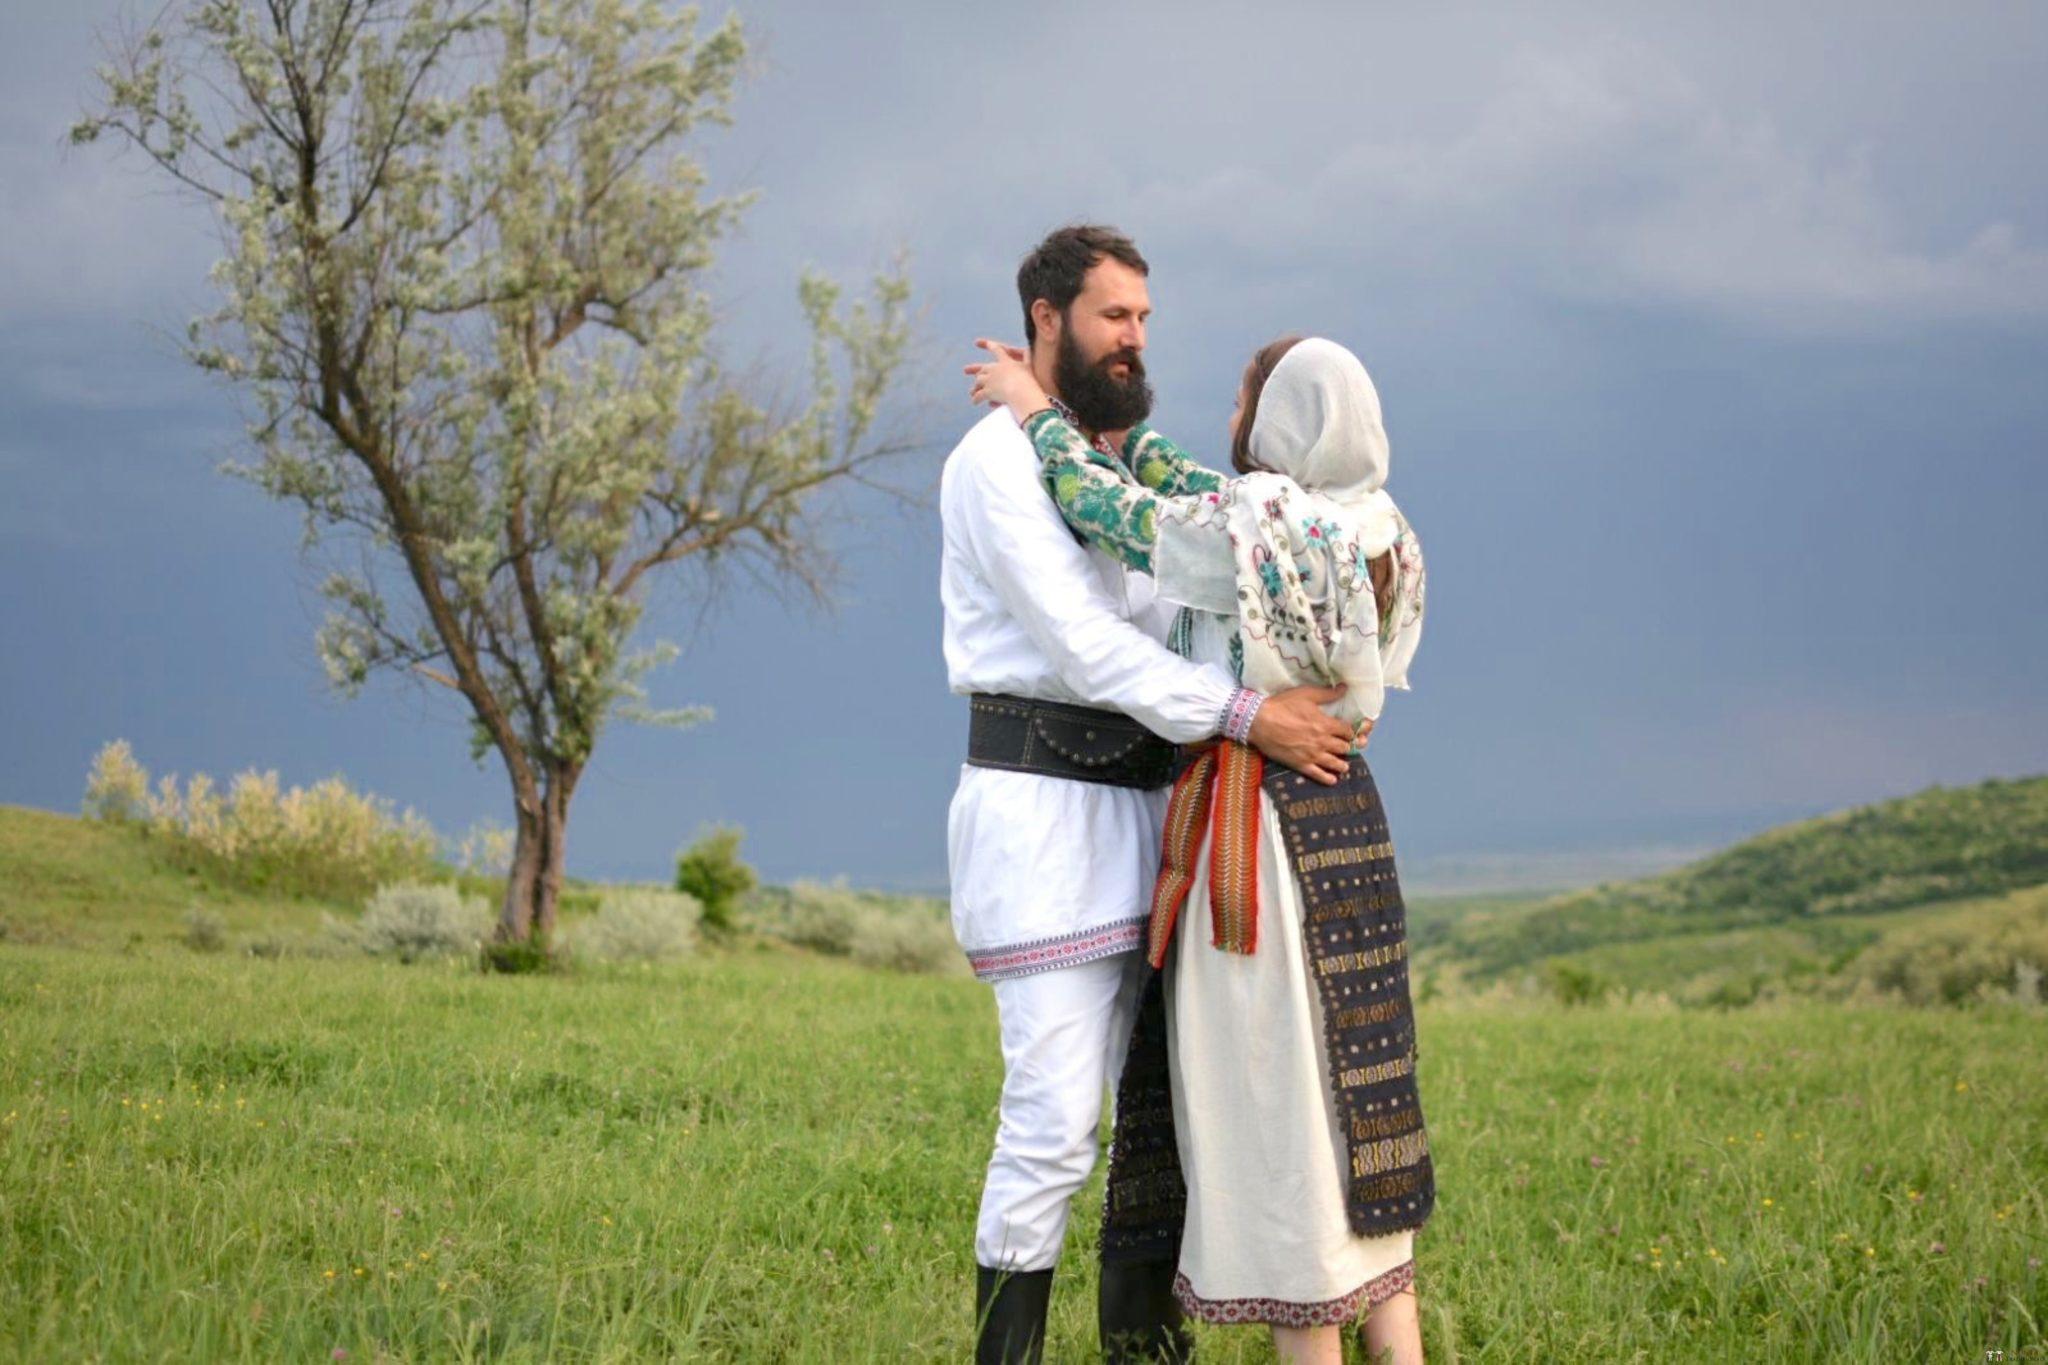 Povești Nunți Tradiționale - George Gabriel și Alexandra Buzatu, nuntă tradițională în Strejnicu, Prahova 9